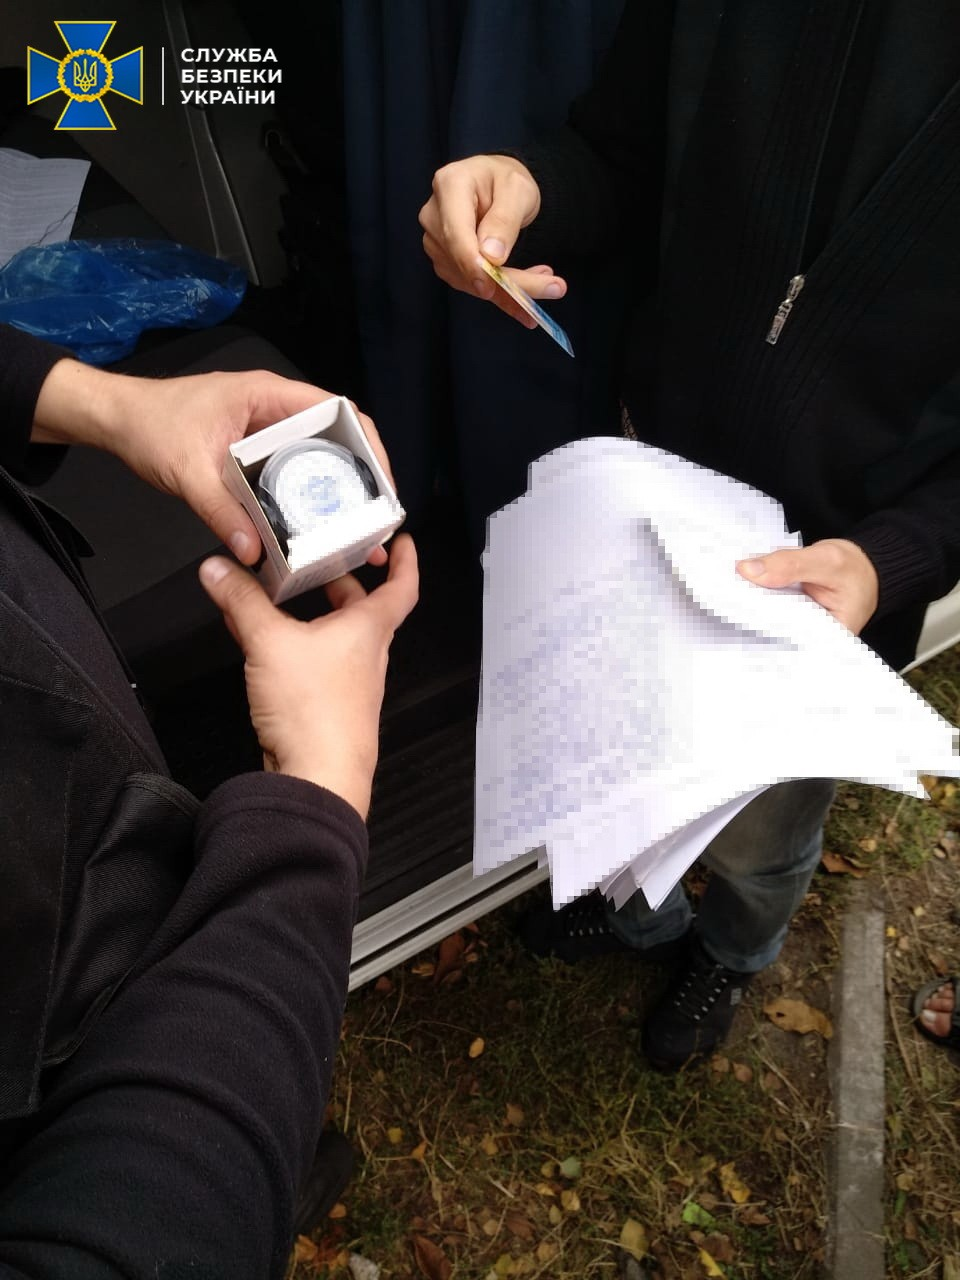 СБУ разоблачила группировку на попытке незаконного создания